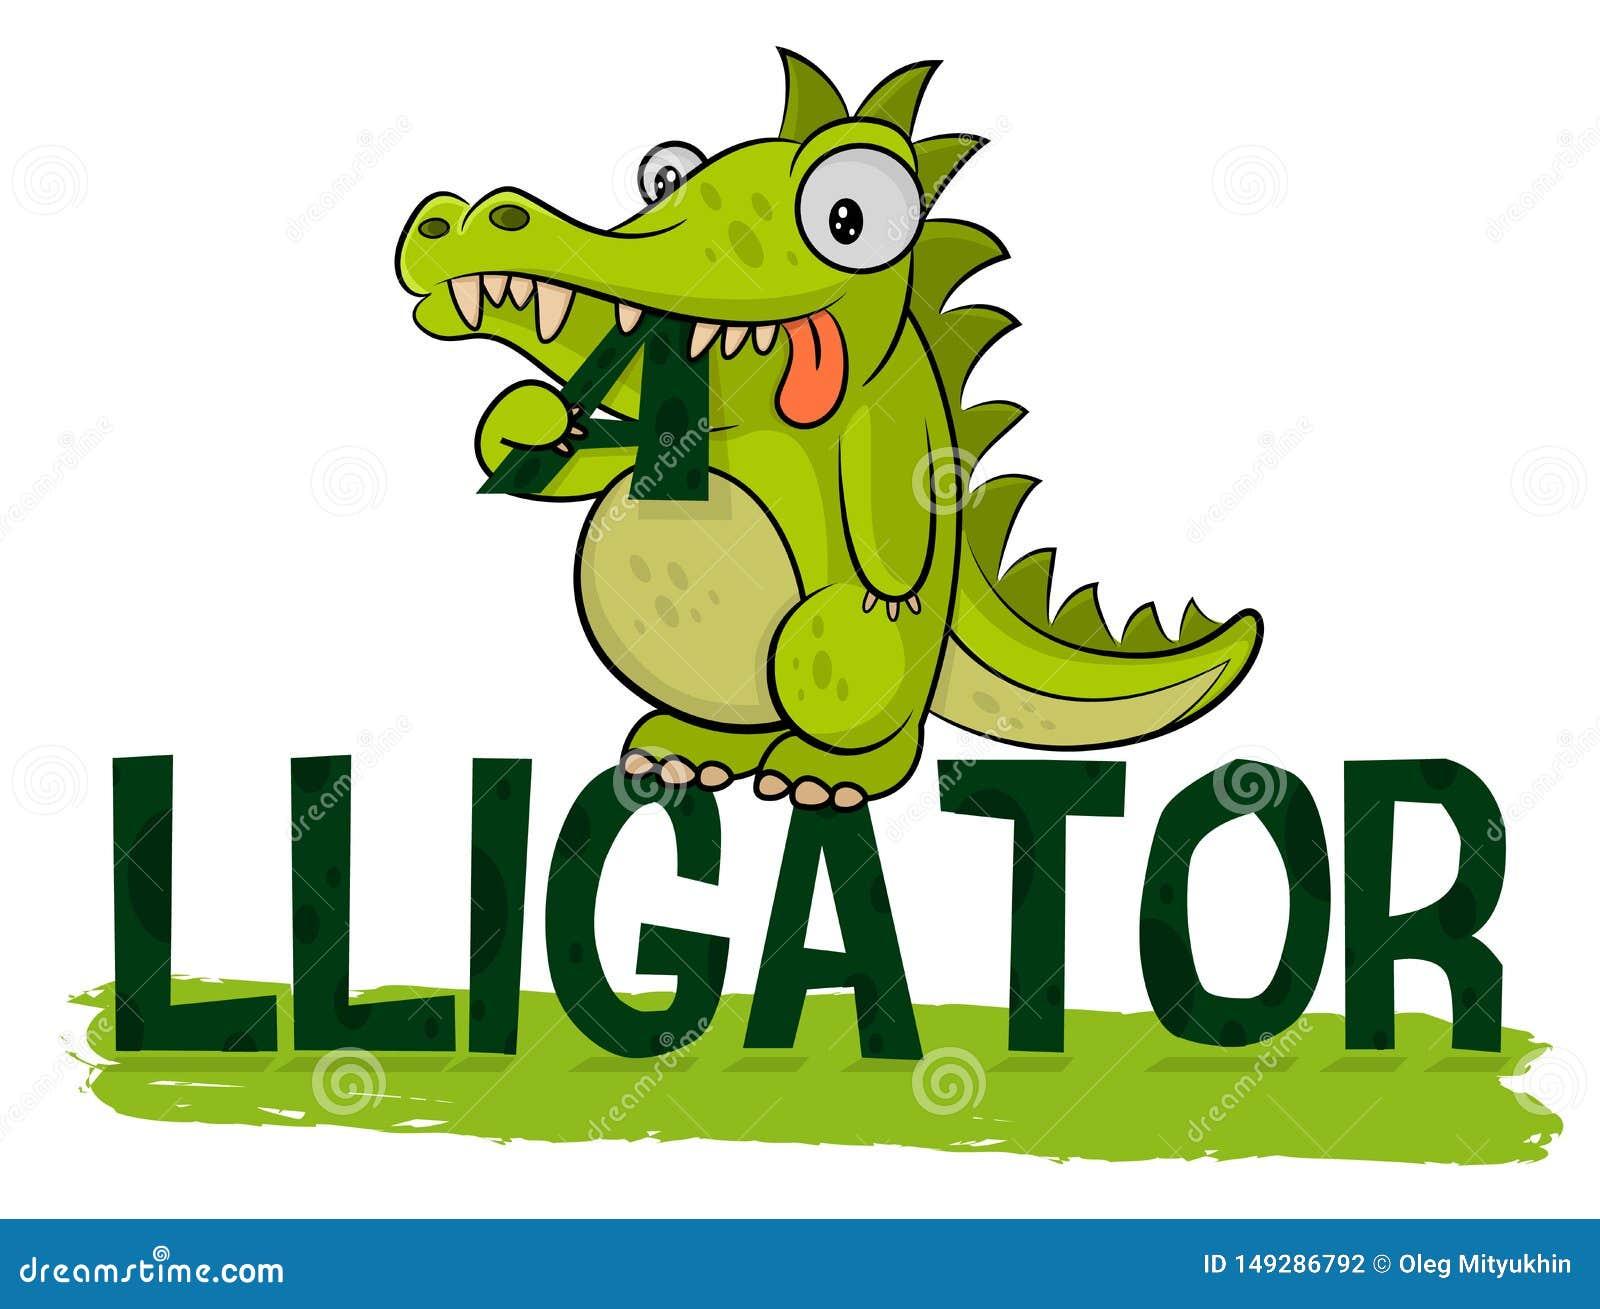 Милый голодный аллигатор ест логотип Вектор логотипа крокодила Иллюстрация аллигатора Жирное маленькое croc Дружелюбное животное